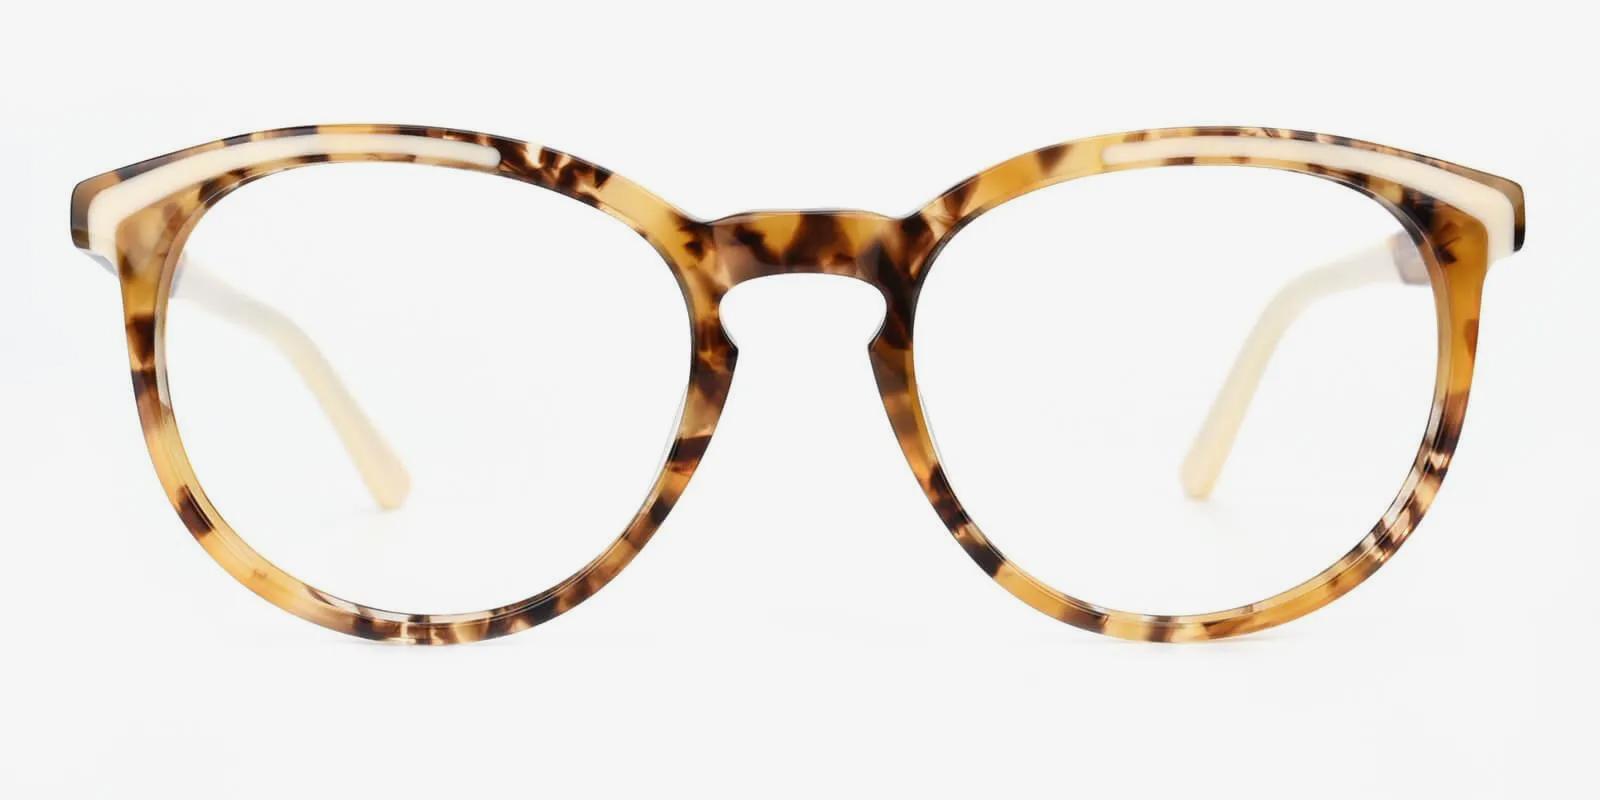 Deborah-Yellow-Round-Acetate-Eyeglasses-detail